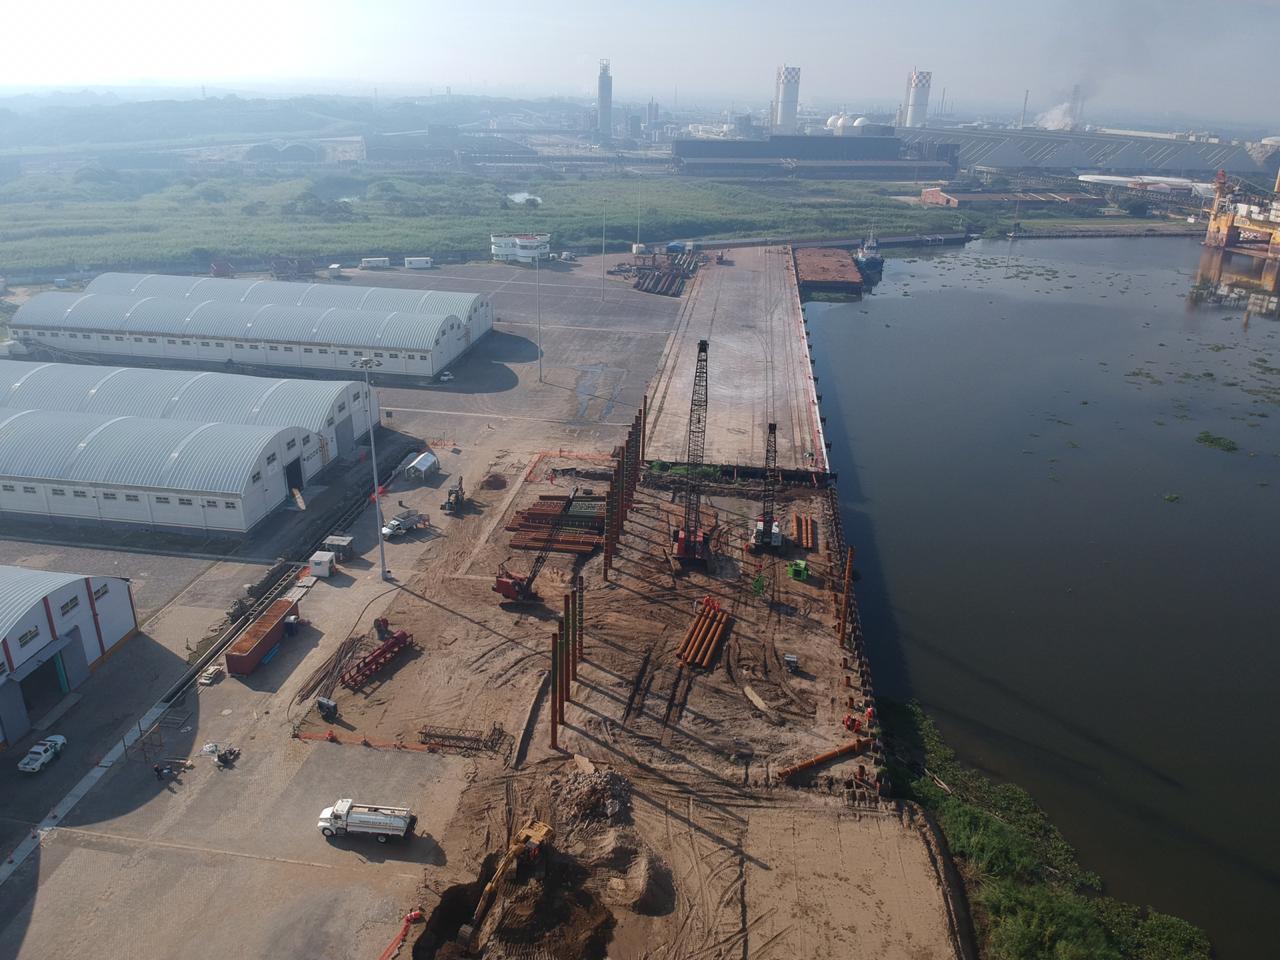 Corredor Interoceánico desarrollará la economía no solo de Veracruz, sino del país: Antonio Luna Rosales